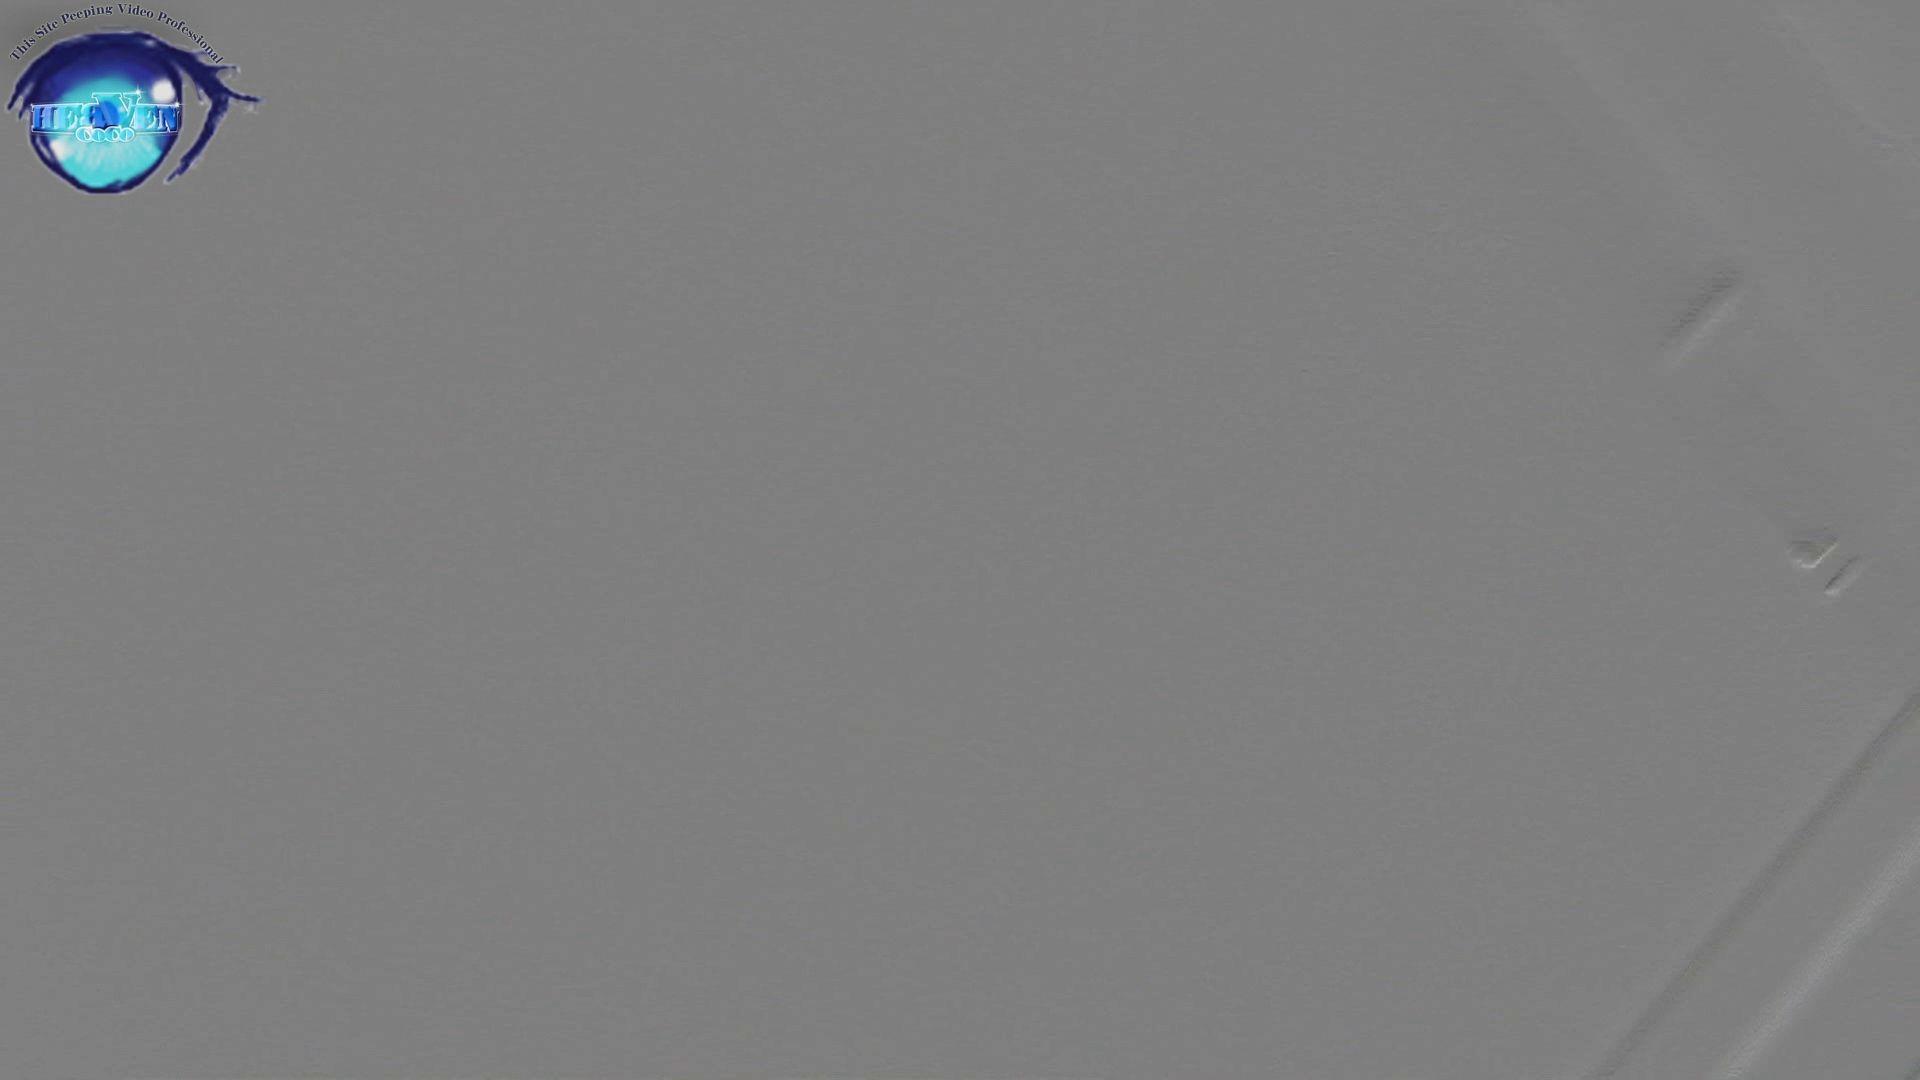 お銀さん vol.59 ピンチ!!「鏡の前で祈る女性」にばれる危機 後編 0  77連発 60